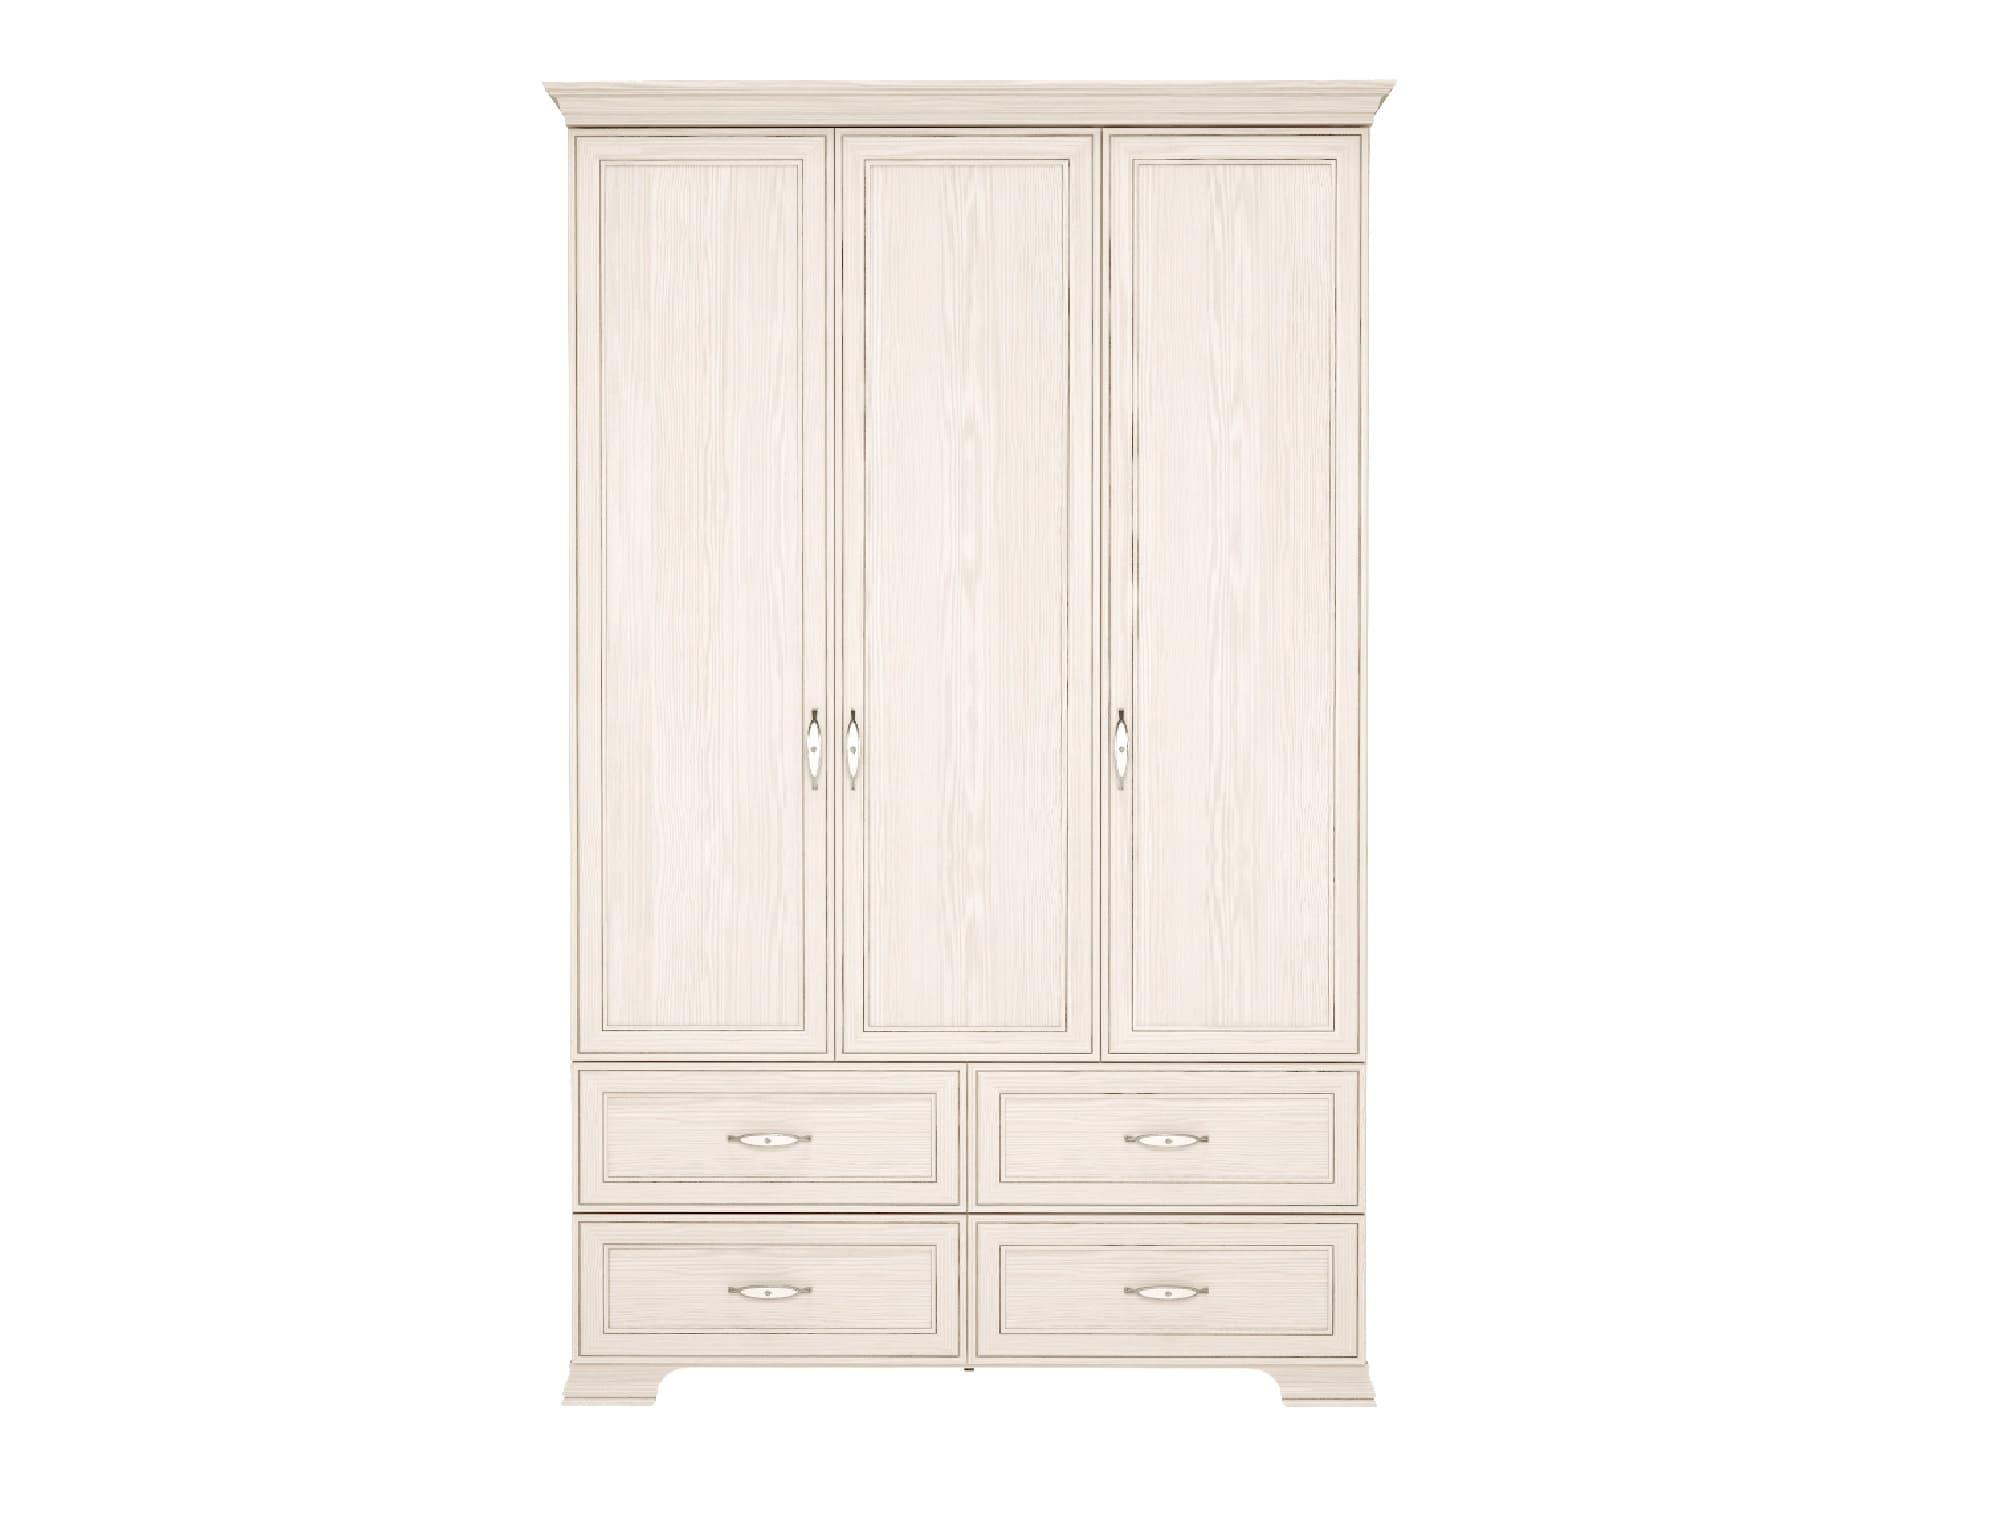 Шкаф для одежды 3-х дв. с ящиками Венеция 1 (без зеркала)